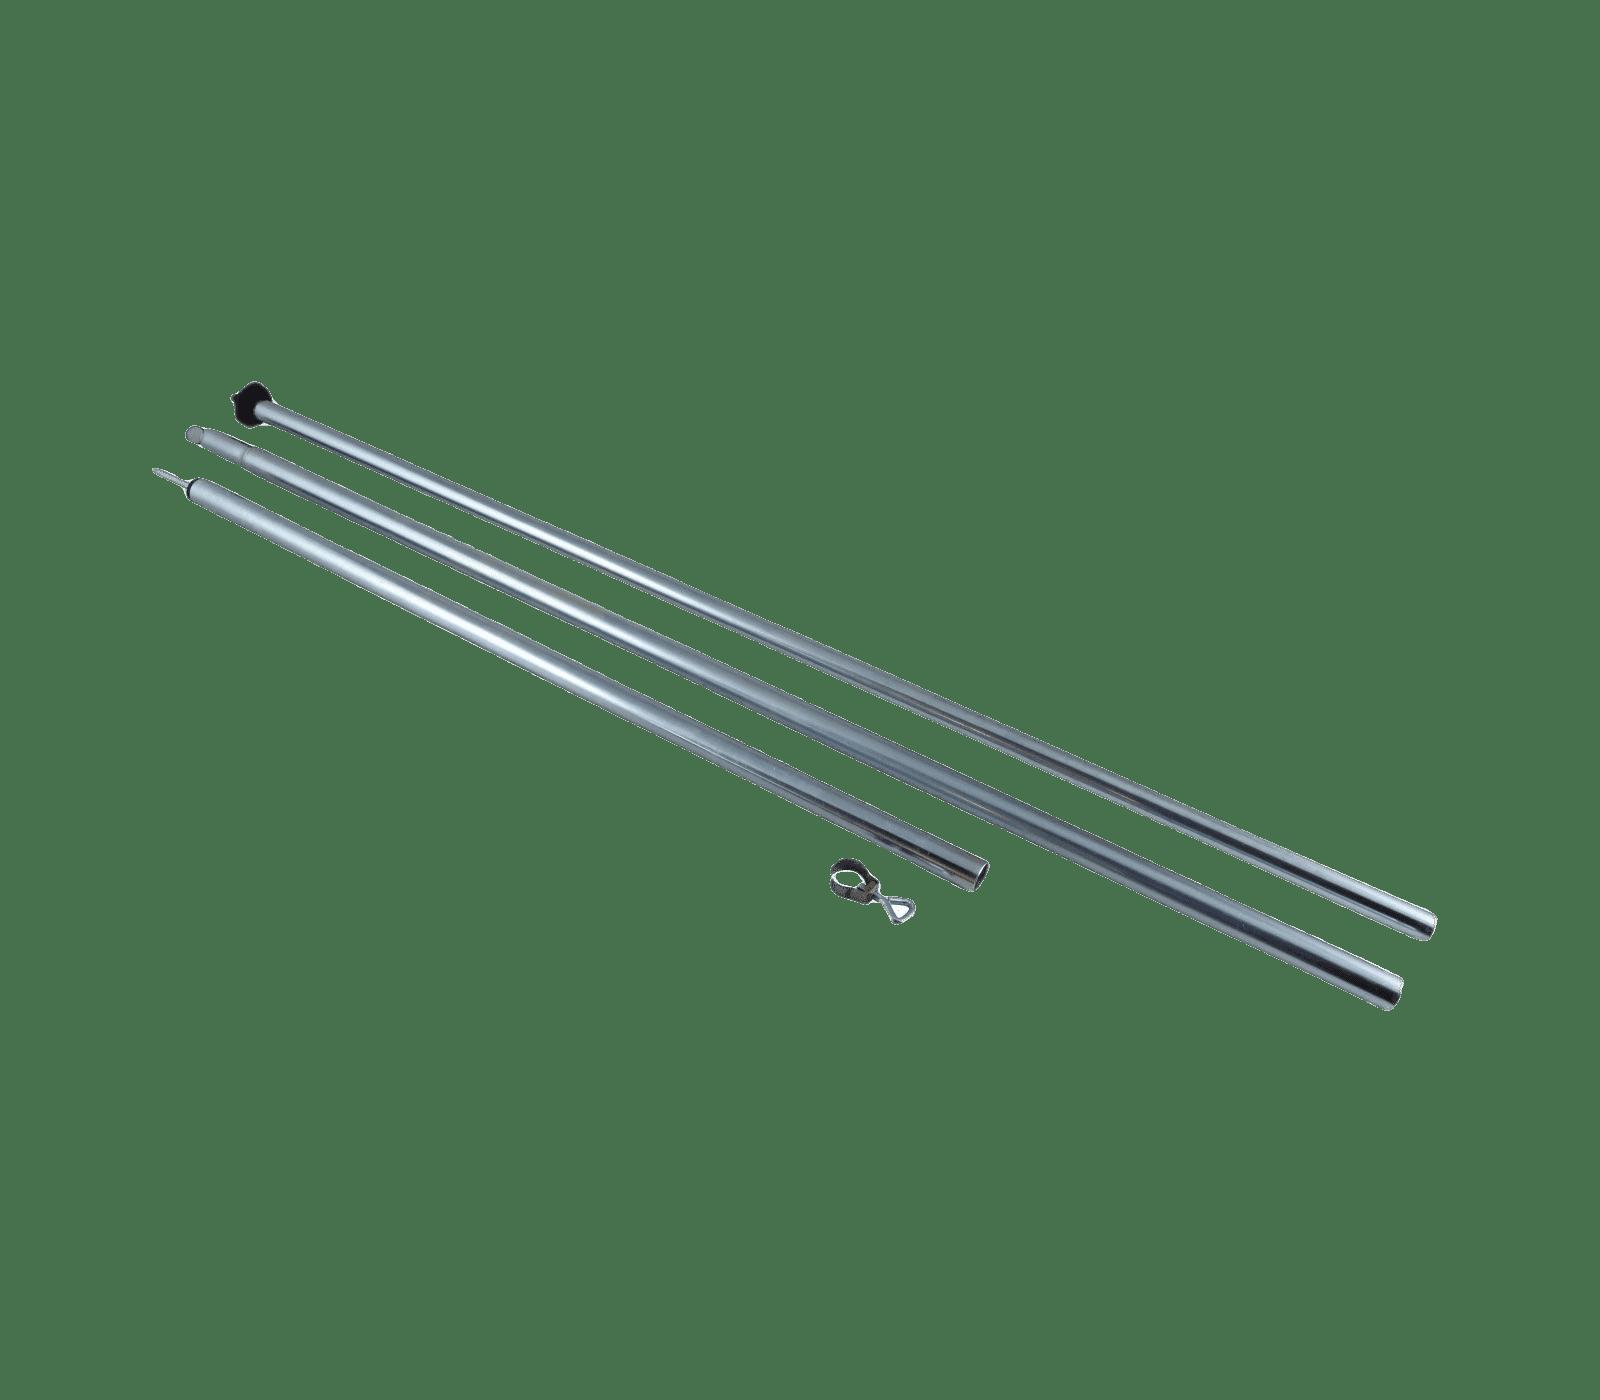 Tentstok 170-260cm staal 19/22mm